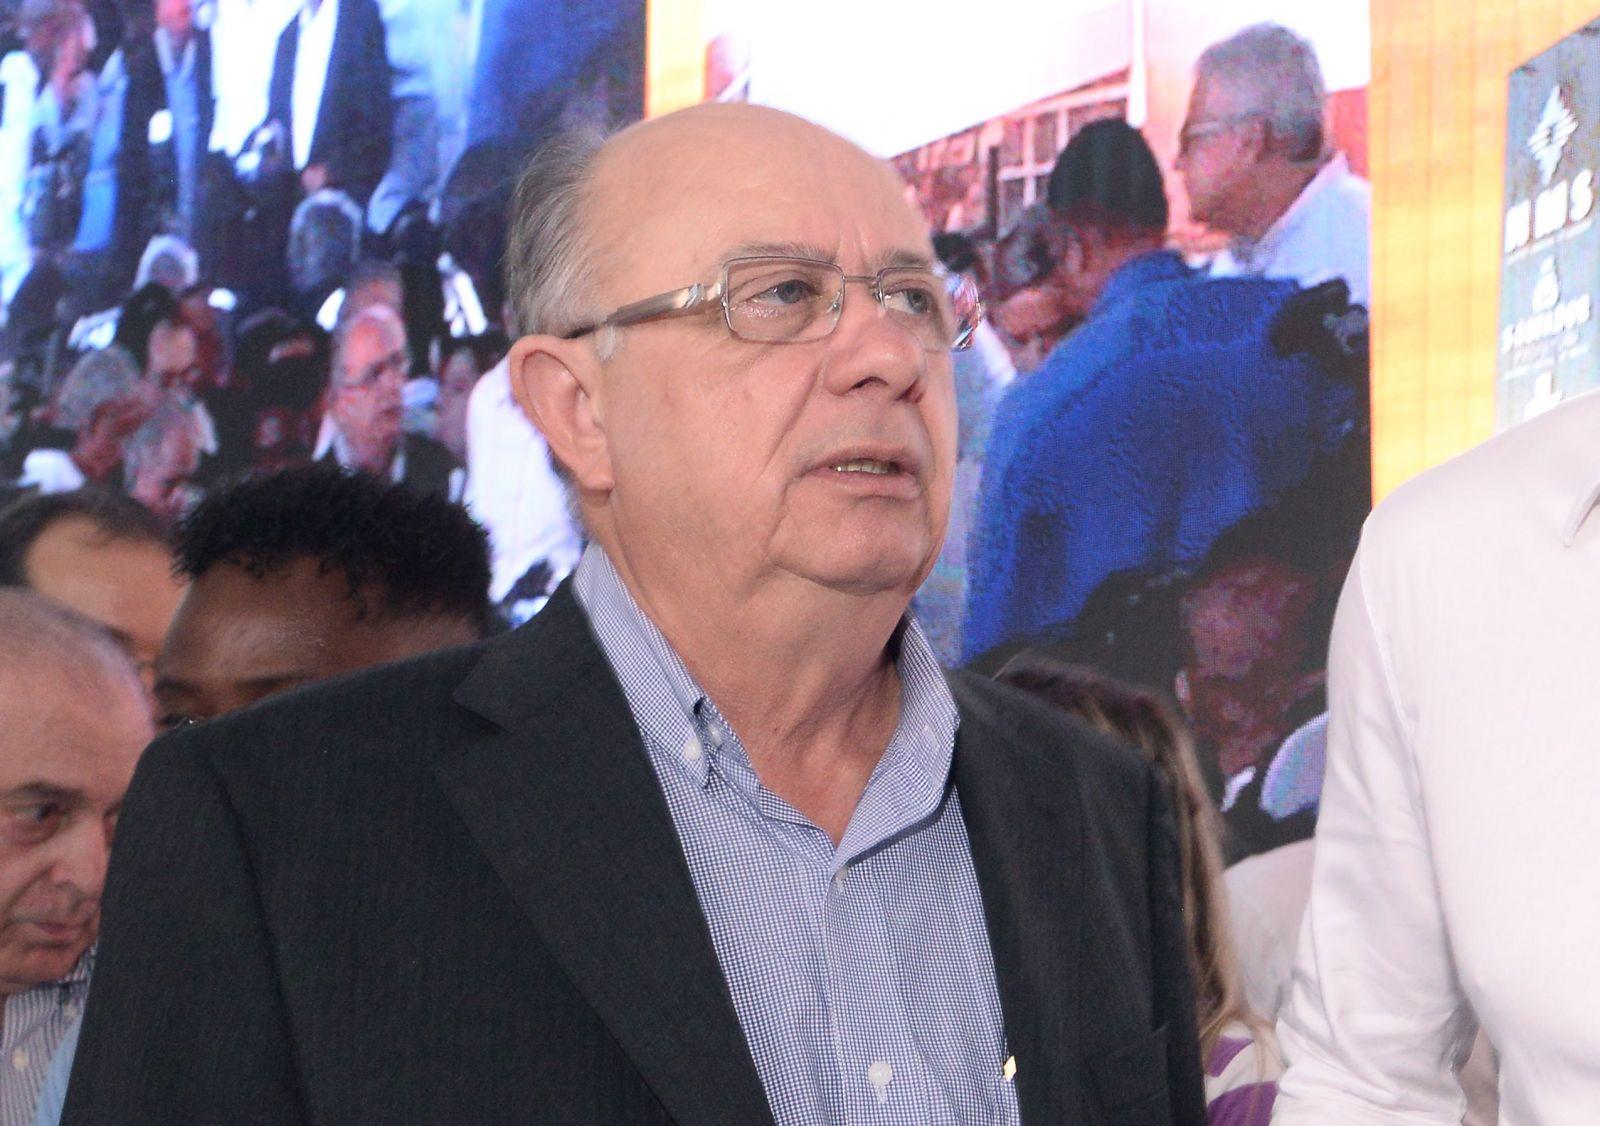 José Ronaldo candidato ao governo da Bahia, criticou a saúde, a segurança e o turismo da Bahia.Veja o erro que ele cometeu